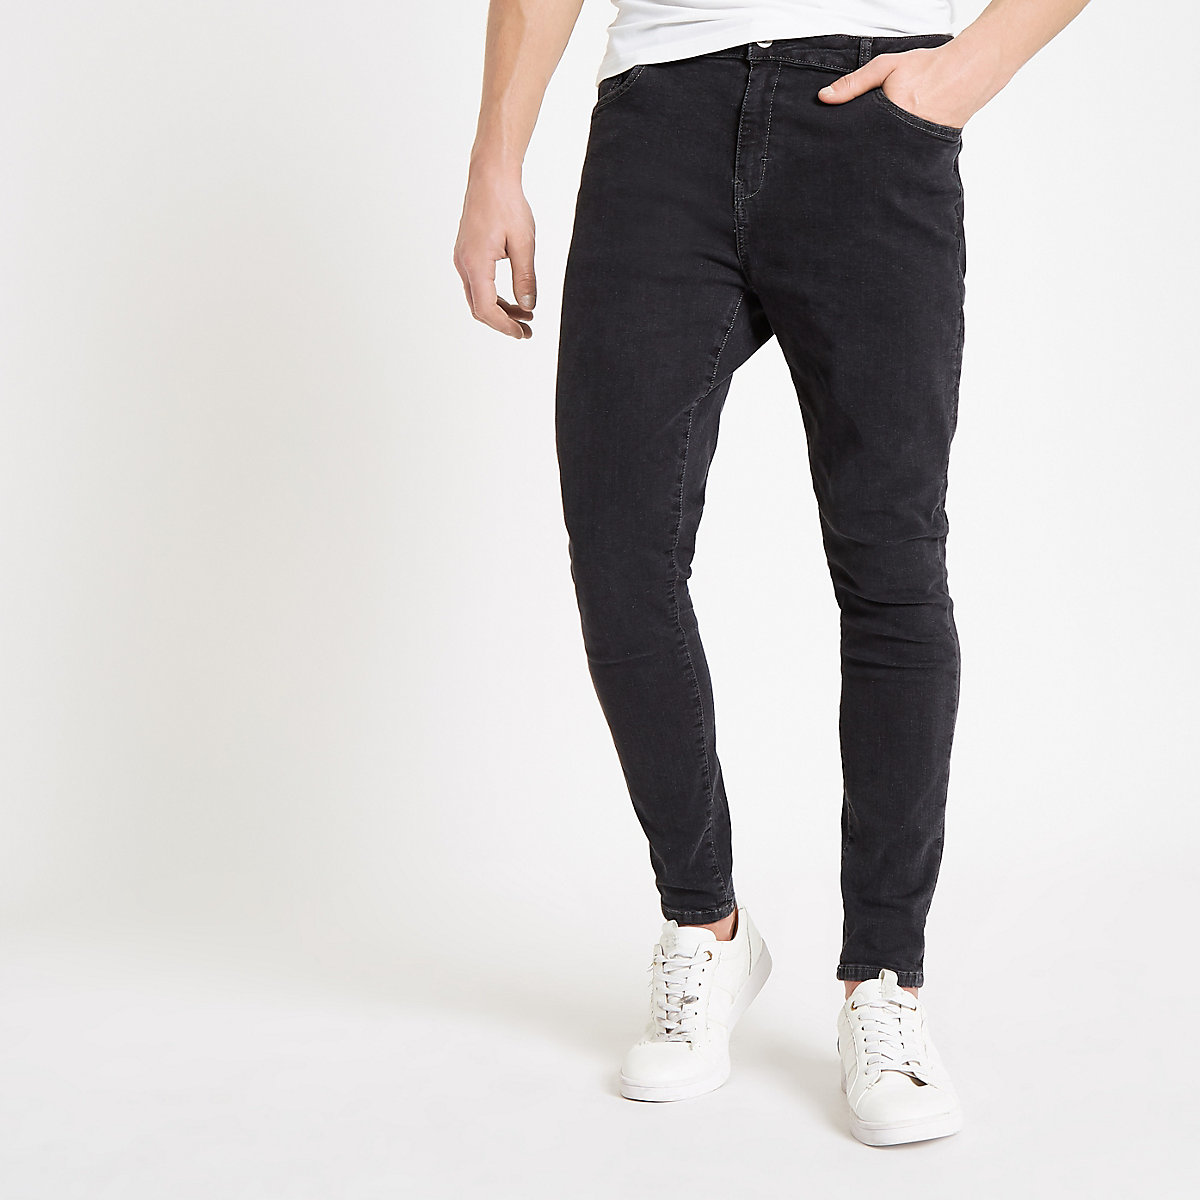 Monkee Genes black denim jeans